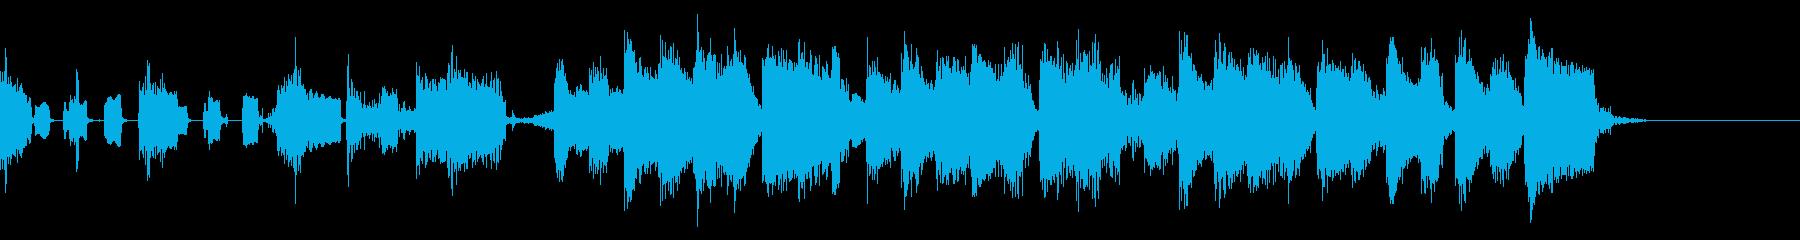 キッチンの音を取り入れた日常用ジングルの再生済みの波形